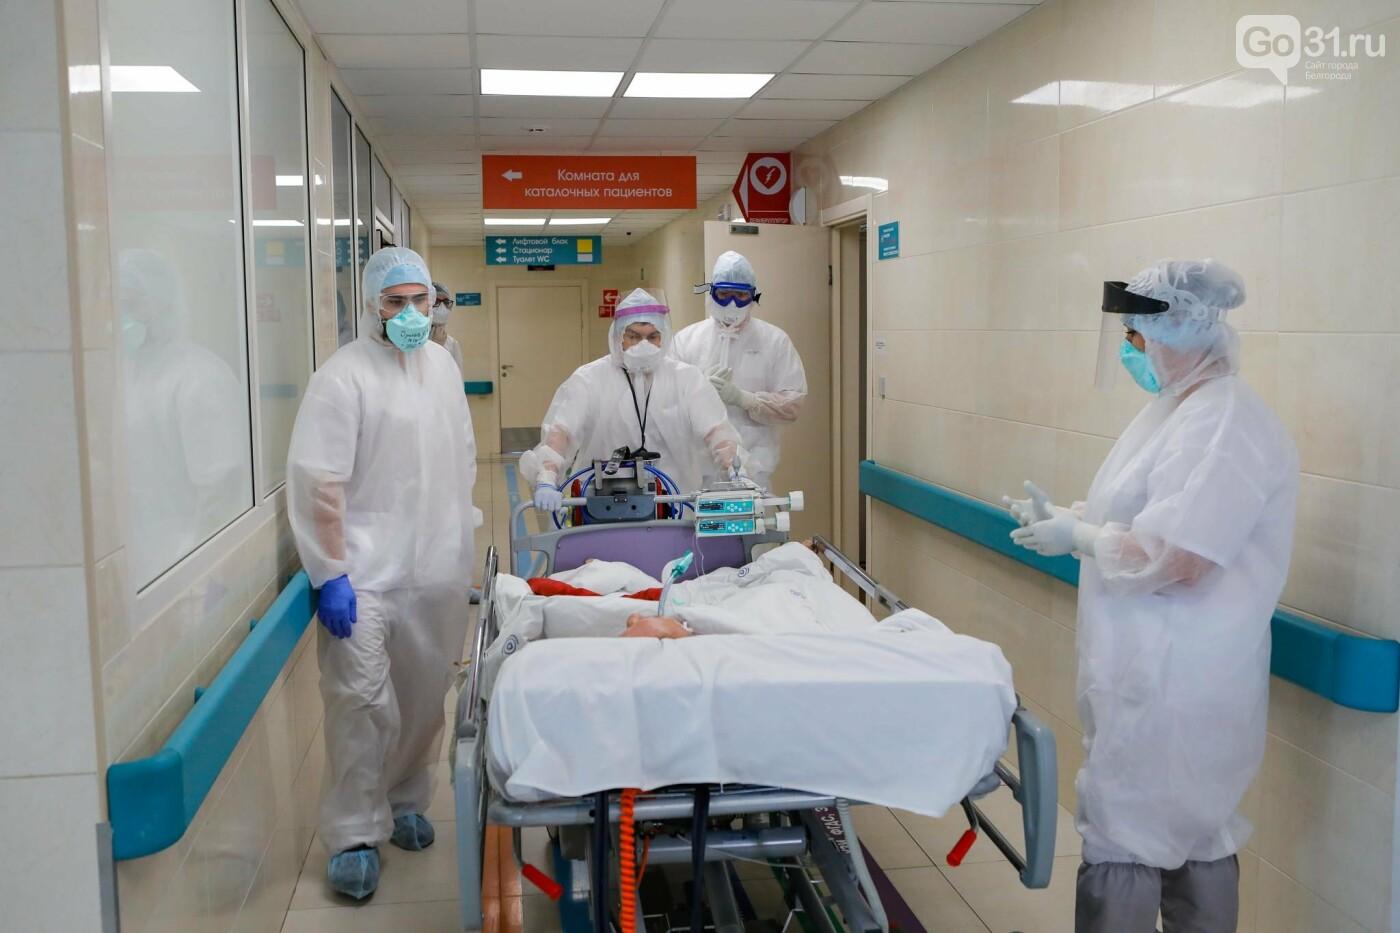 Что происходит в ковид-госпитале Белгорода. Фоторепортаж из «красной» зоны, фото-80, Фото: Антон Вергун